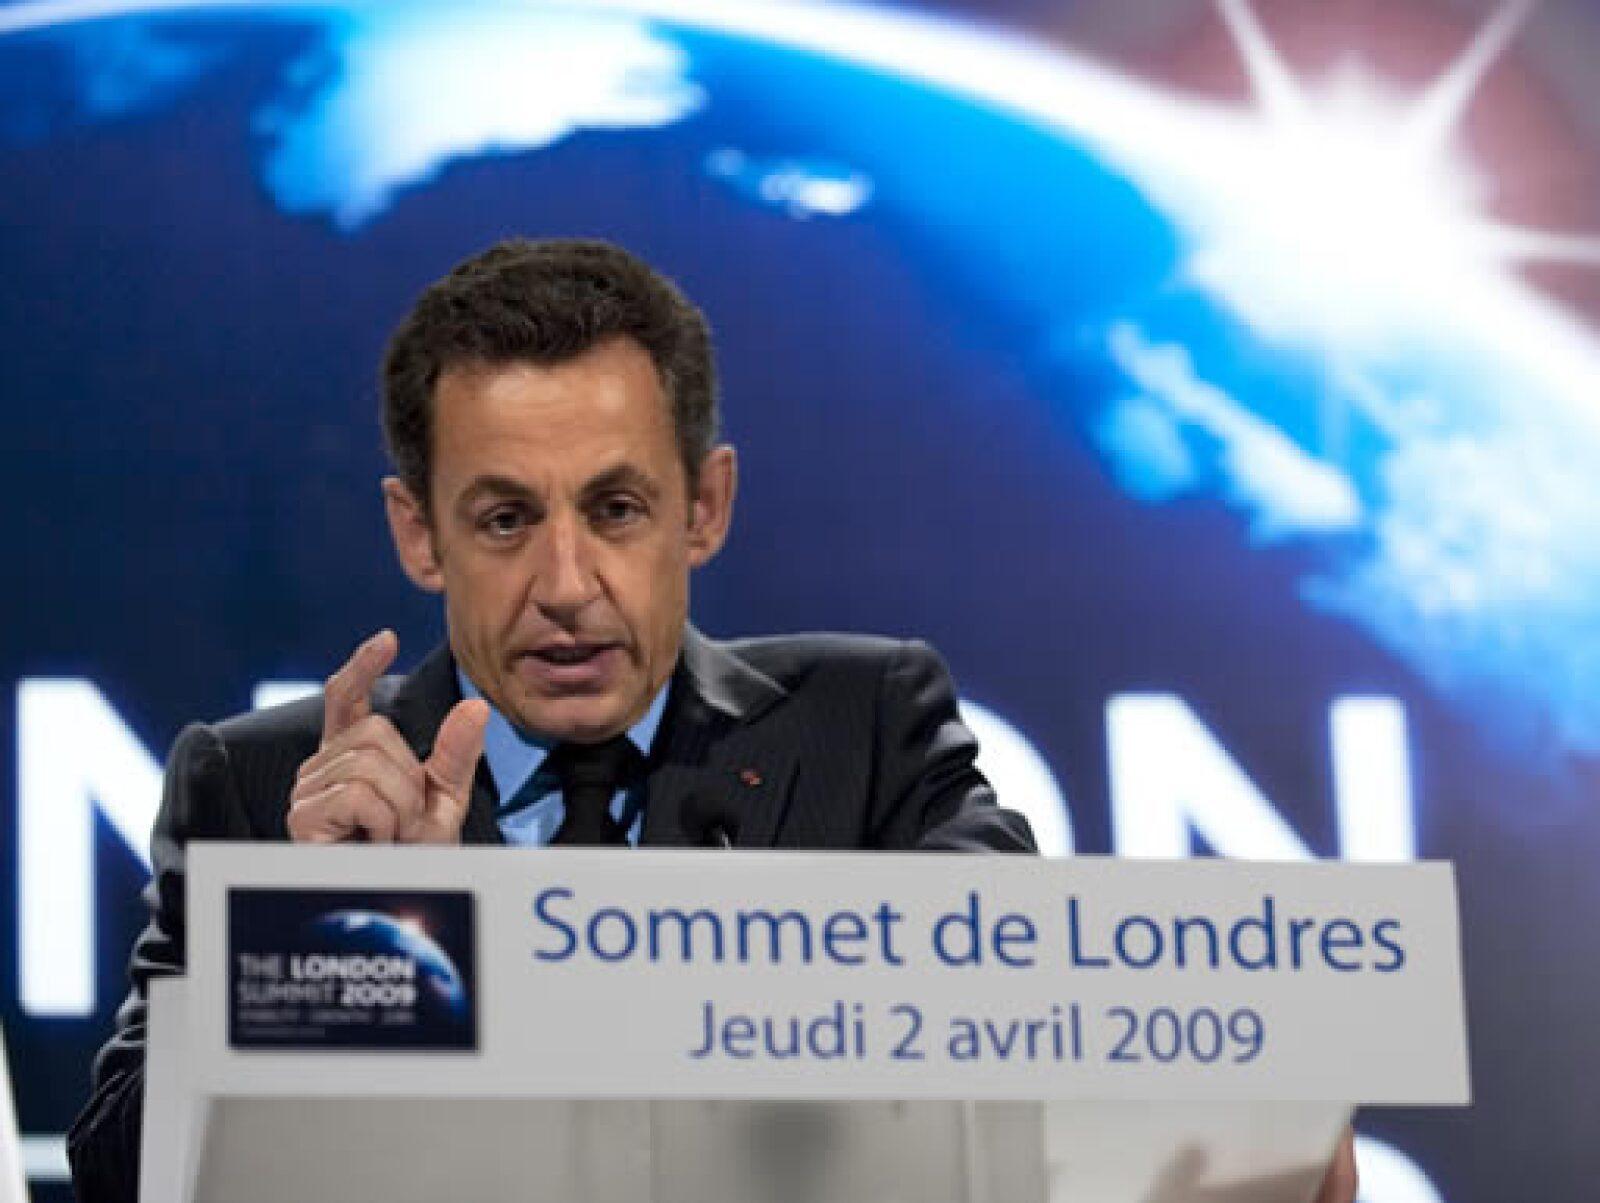 Finalmente, el presidente francés, Nicolás Sarkozy, asistió a la reunión del G20 luego de haber amenazado con no acudir si no se concretaban compromisos serios para enfrentar la recesión mundial.